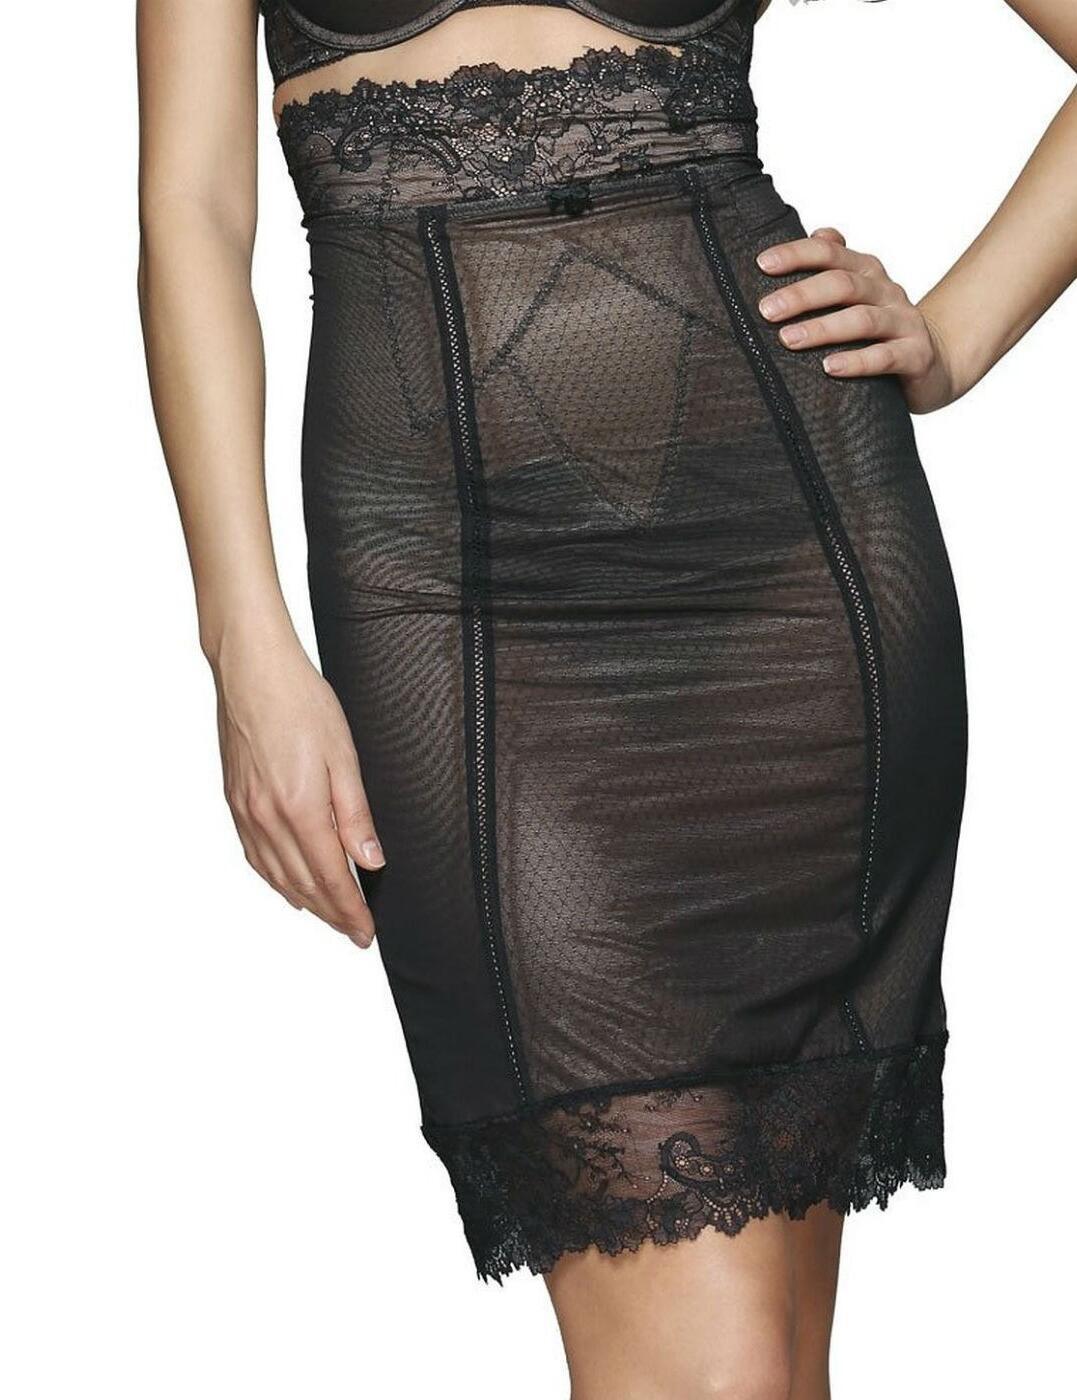 5267 Gossard Eternal Smoothing Skirt - 5267 Skirt